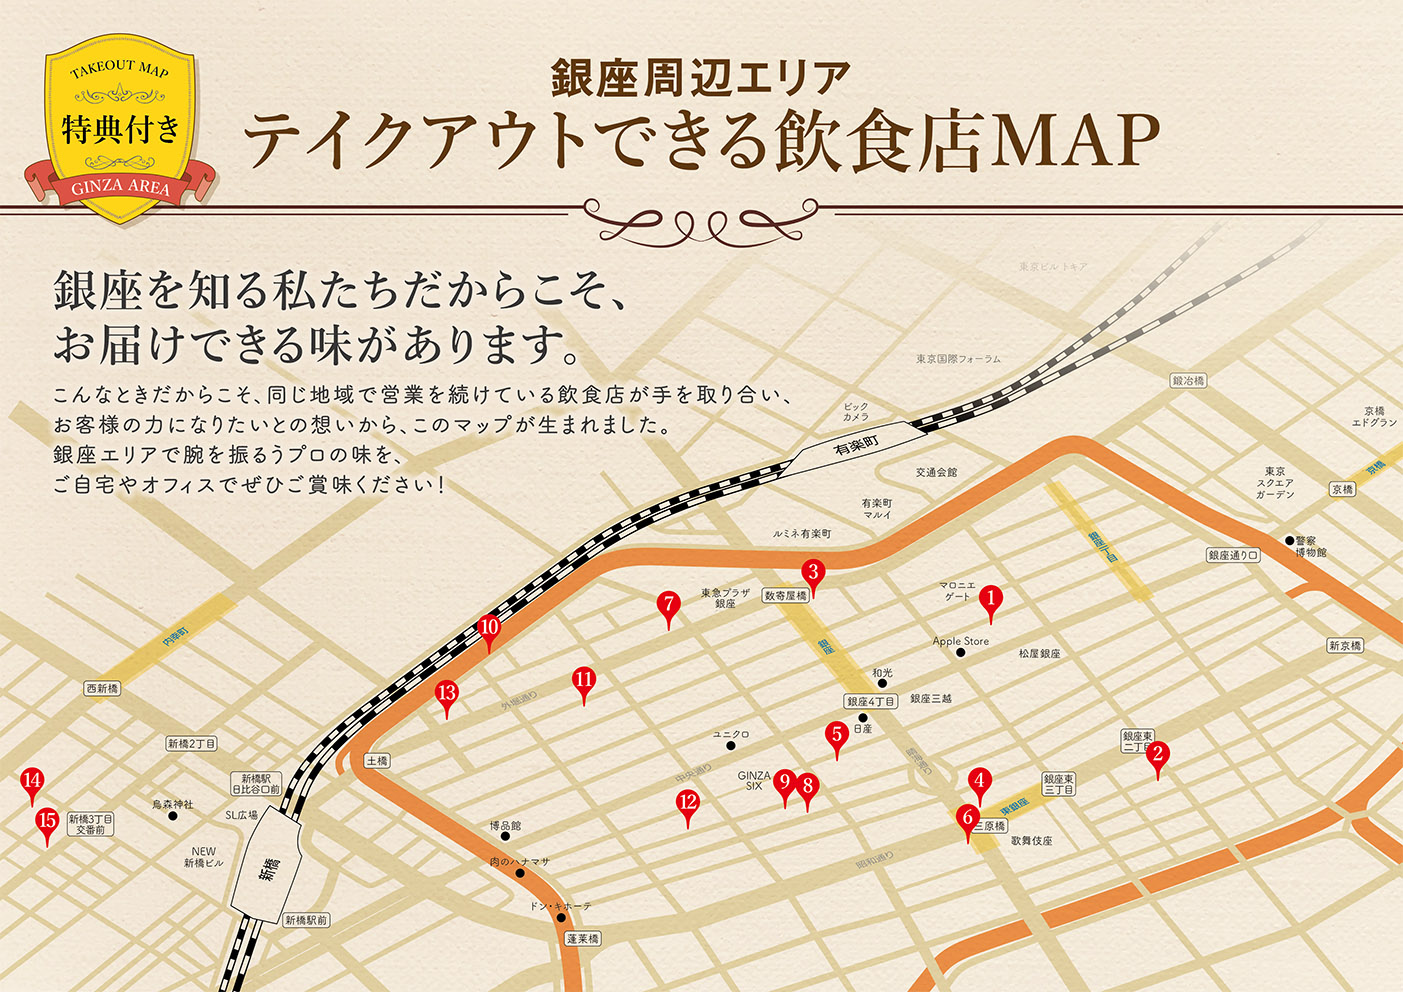 銀座周辺エリア テイクアウトできる飲食店マップ